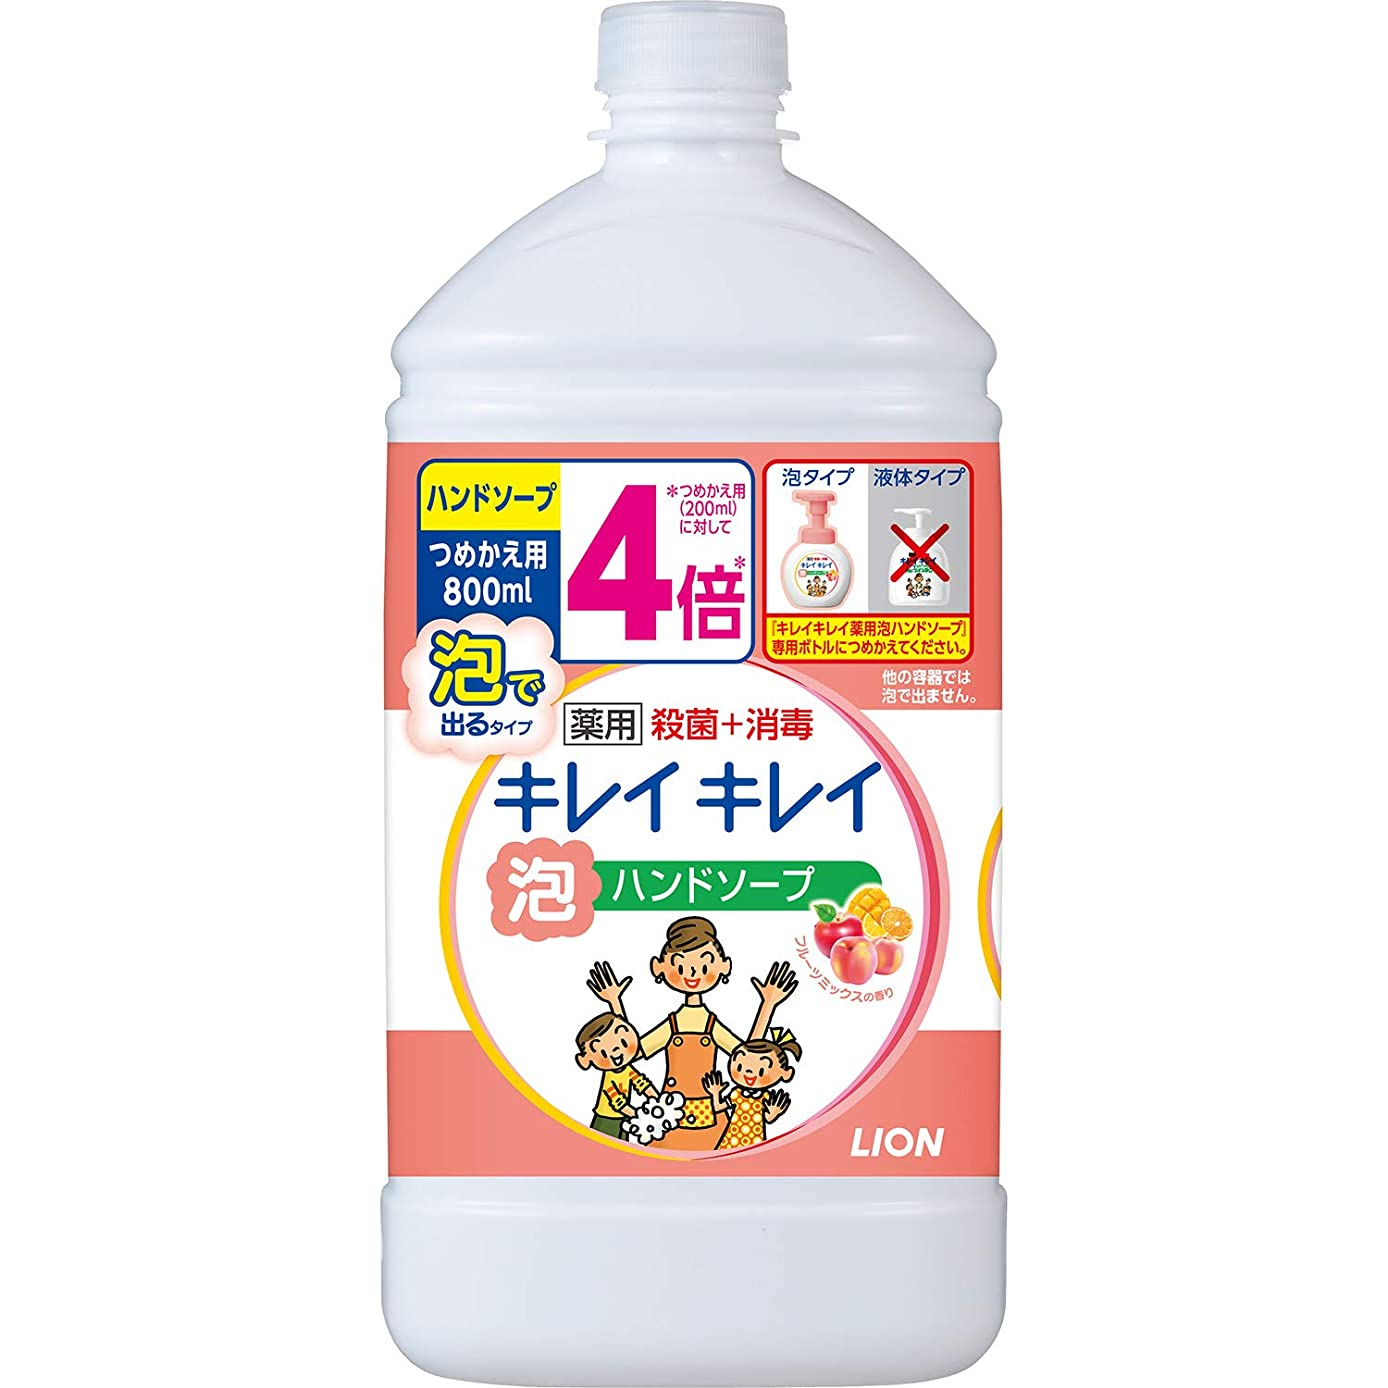 正午囲い累計(医薬部外品)【大容量】キレイキレイ 薬用 泡ハンドソープ フルーツミックスの香り 詰め替え用 800ml